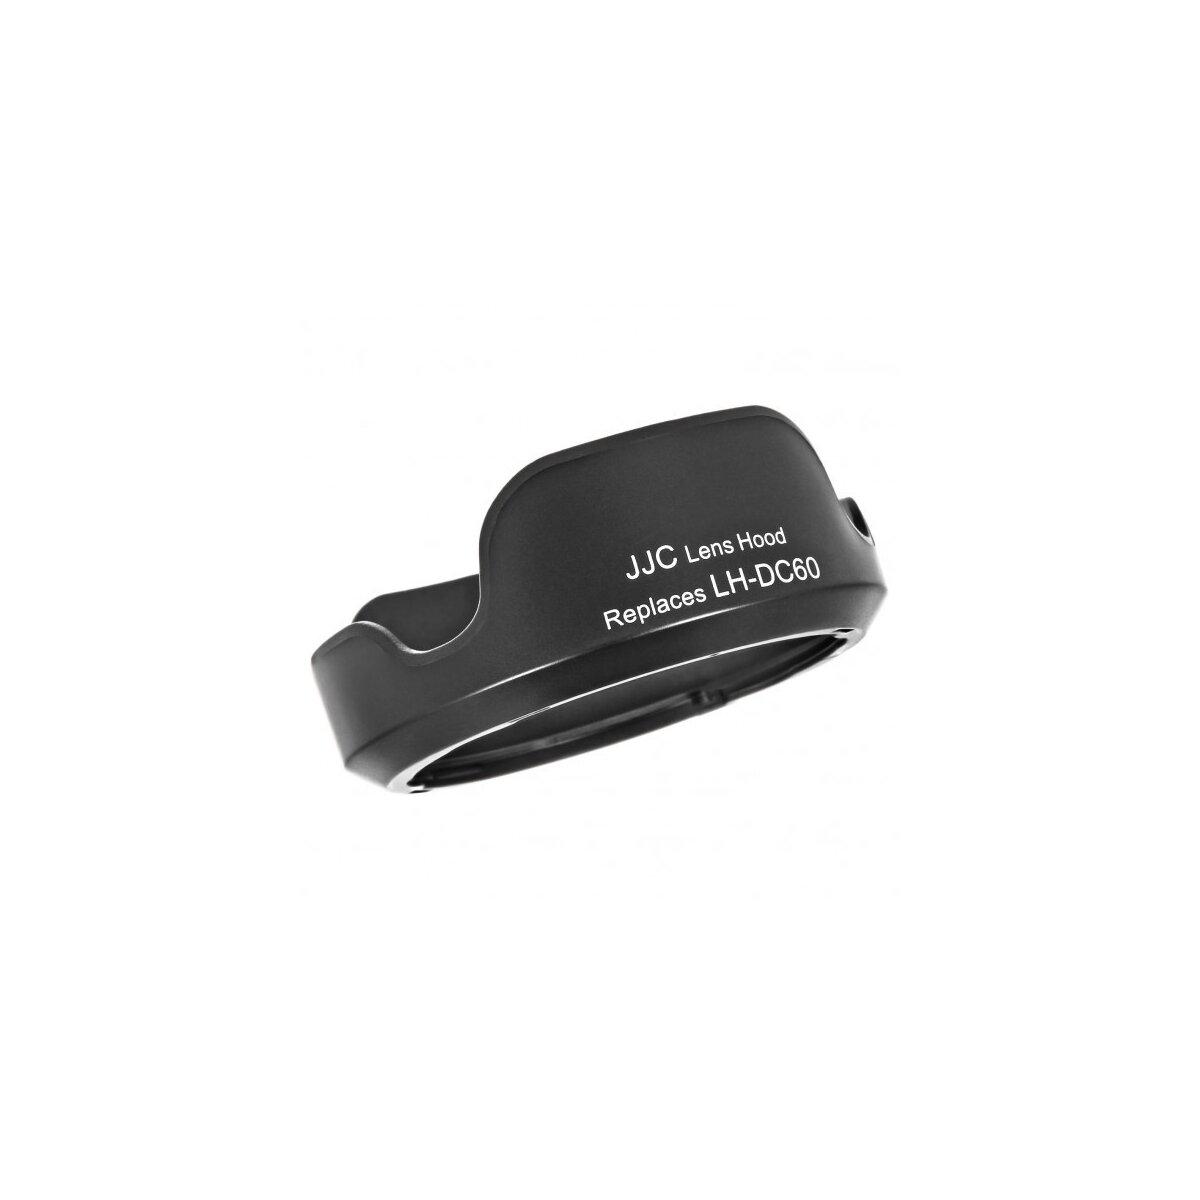 JJC Sonnenblende Gegenlichtblende Ersatz für Canon LH-DC60 kompatibel mit Canon Powershot SX1 IS, SX10 IS, SX20 IS, SX30 IS, SX40 HS, SX50 HS - JJC LH-JDC60